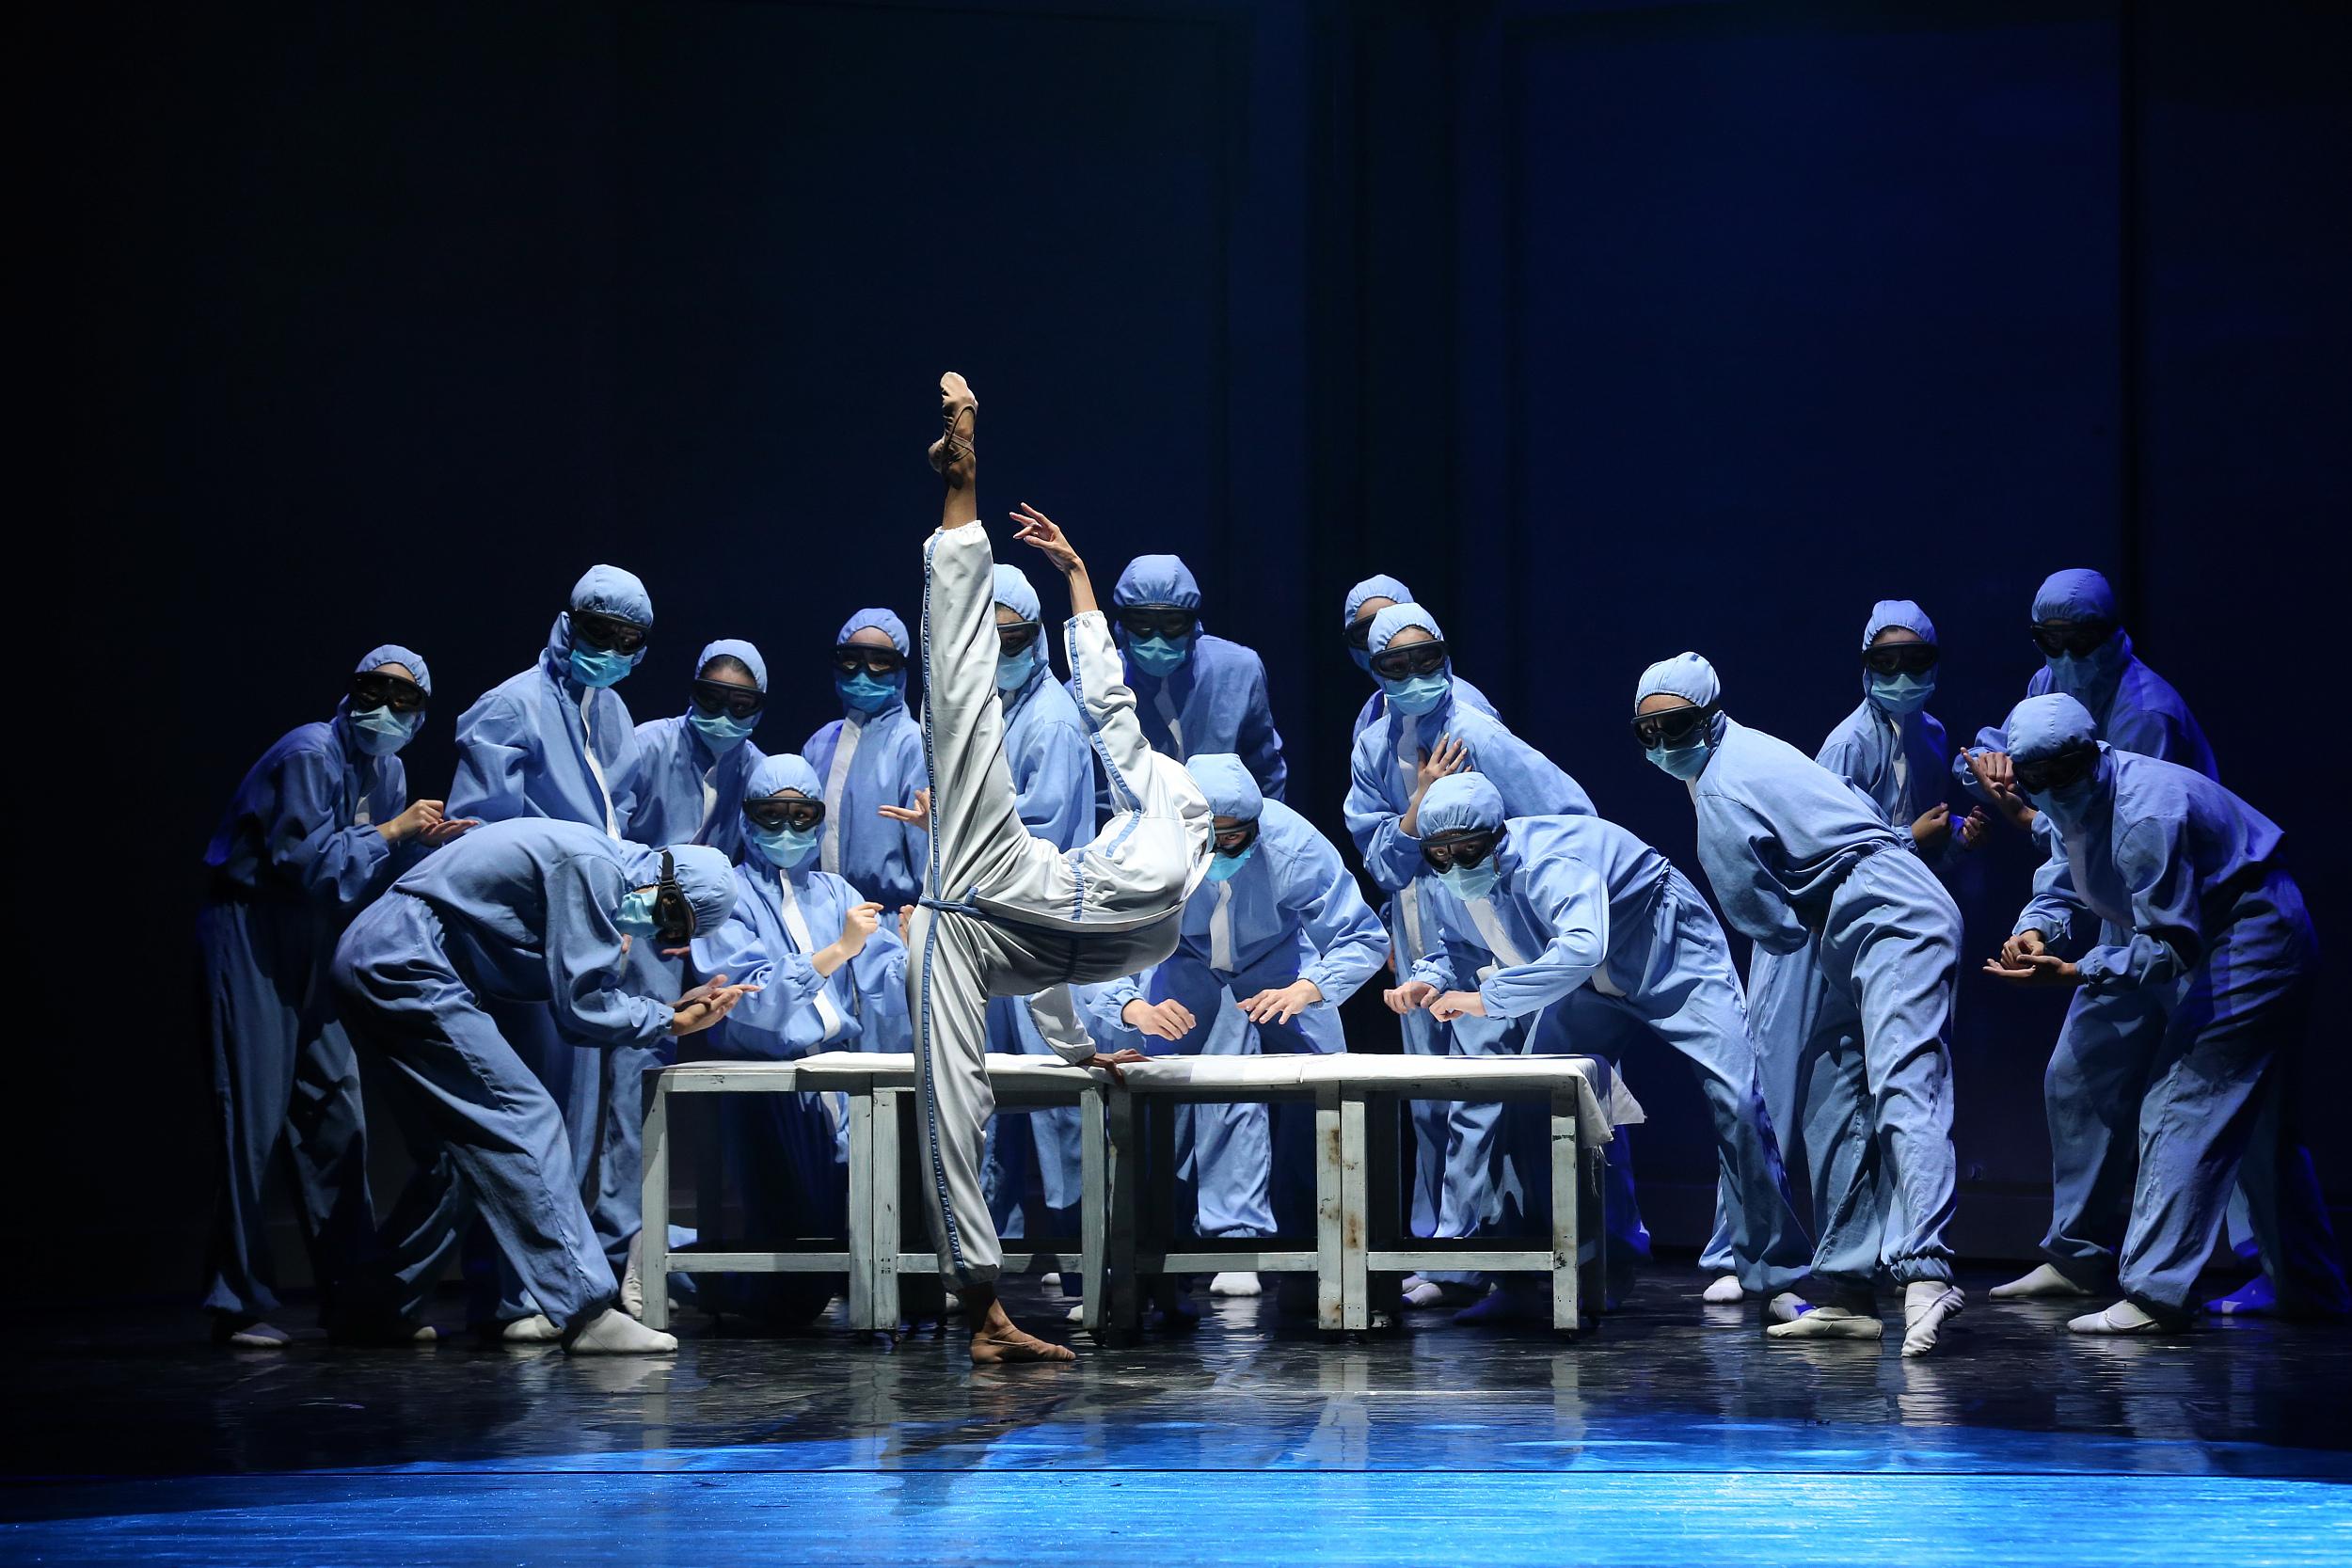 全国首部战疫题材舞蹈诗《逆行》 人民视觉资料图